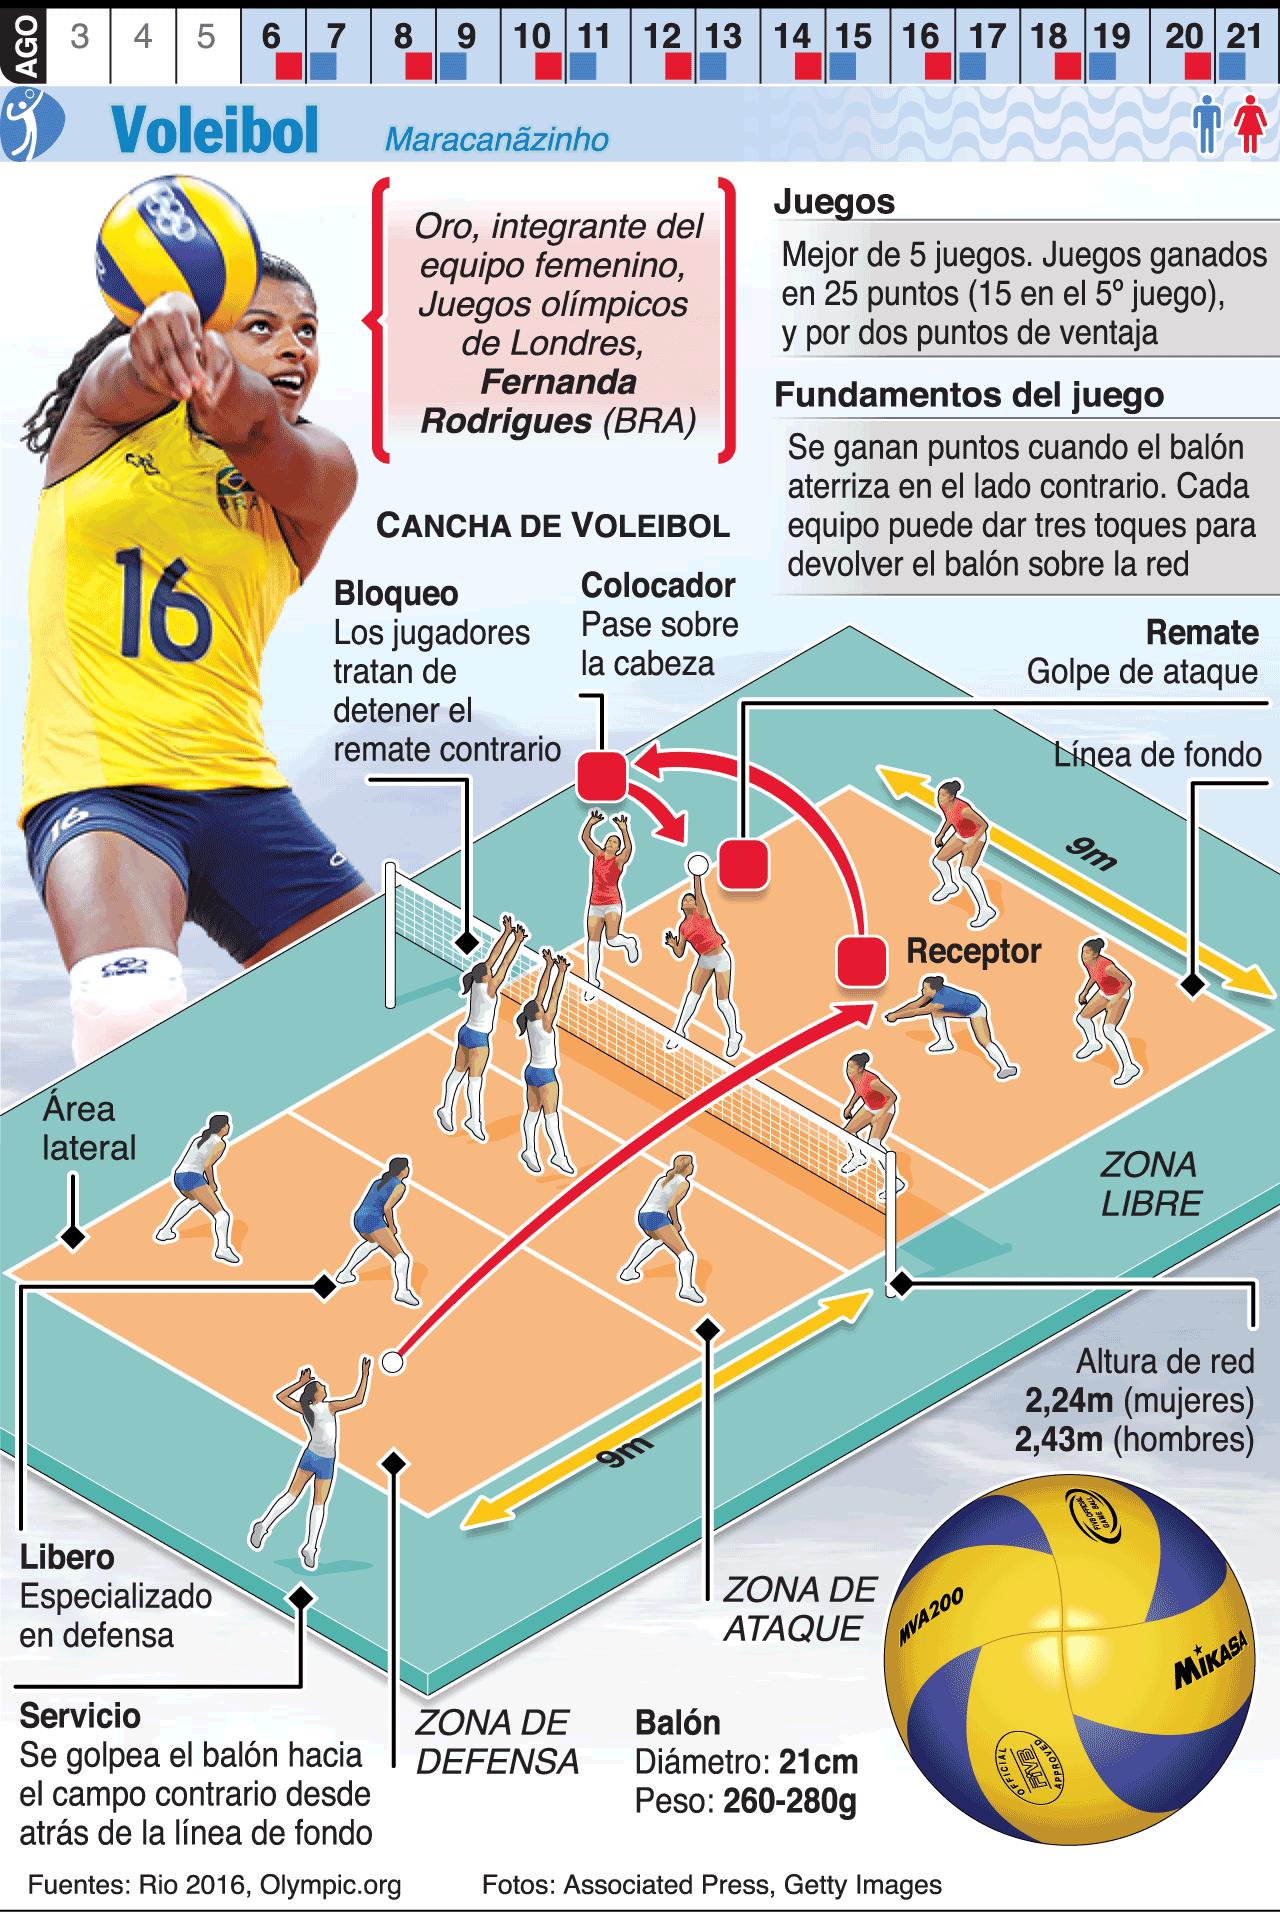 Infografia Voleibol En Los Juegos De Rio 2016 Voleibol Deportes Voleibol Entrenar Voleibol